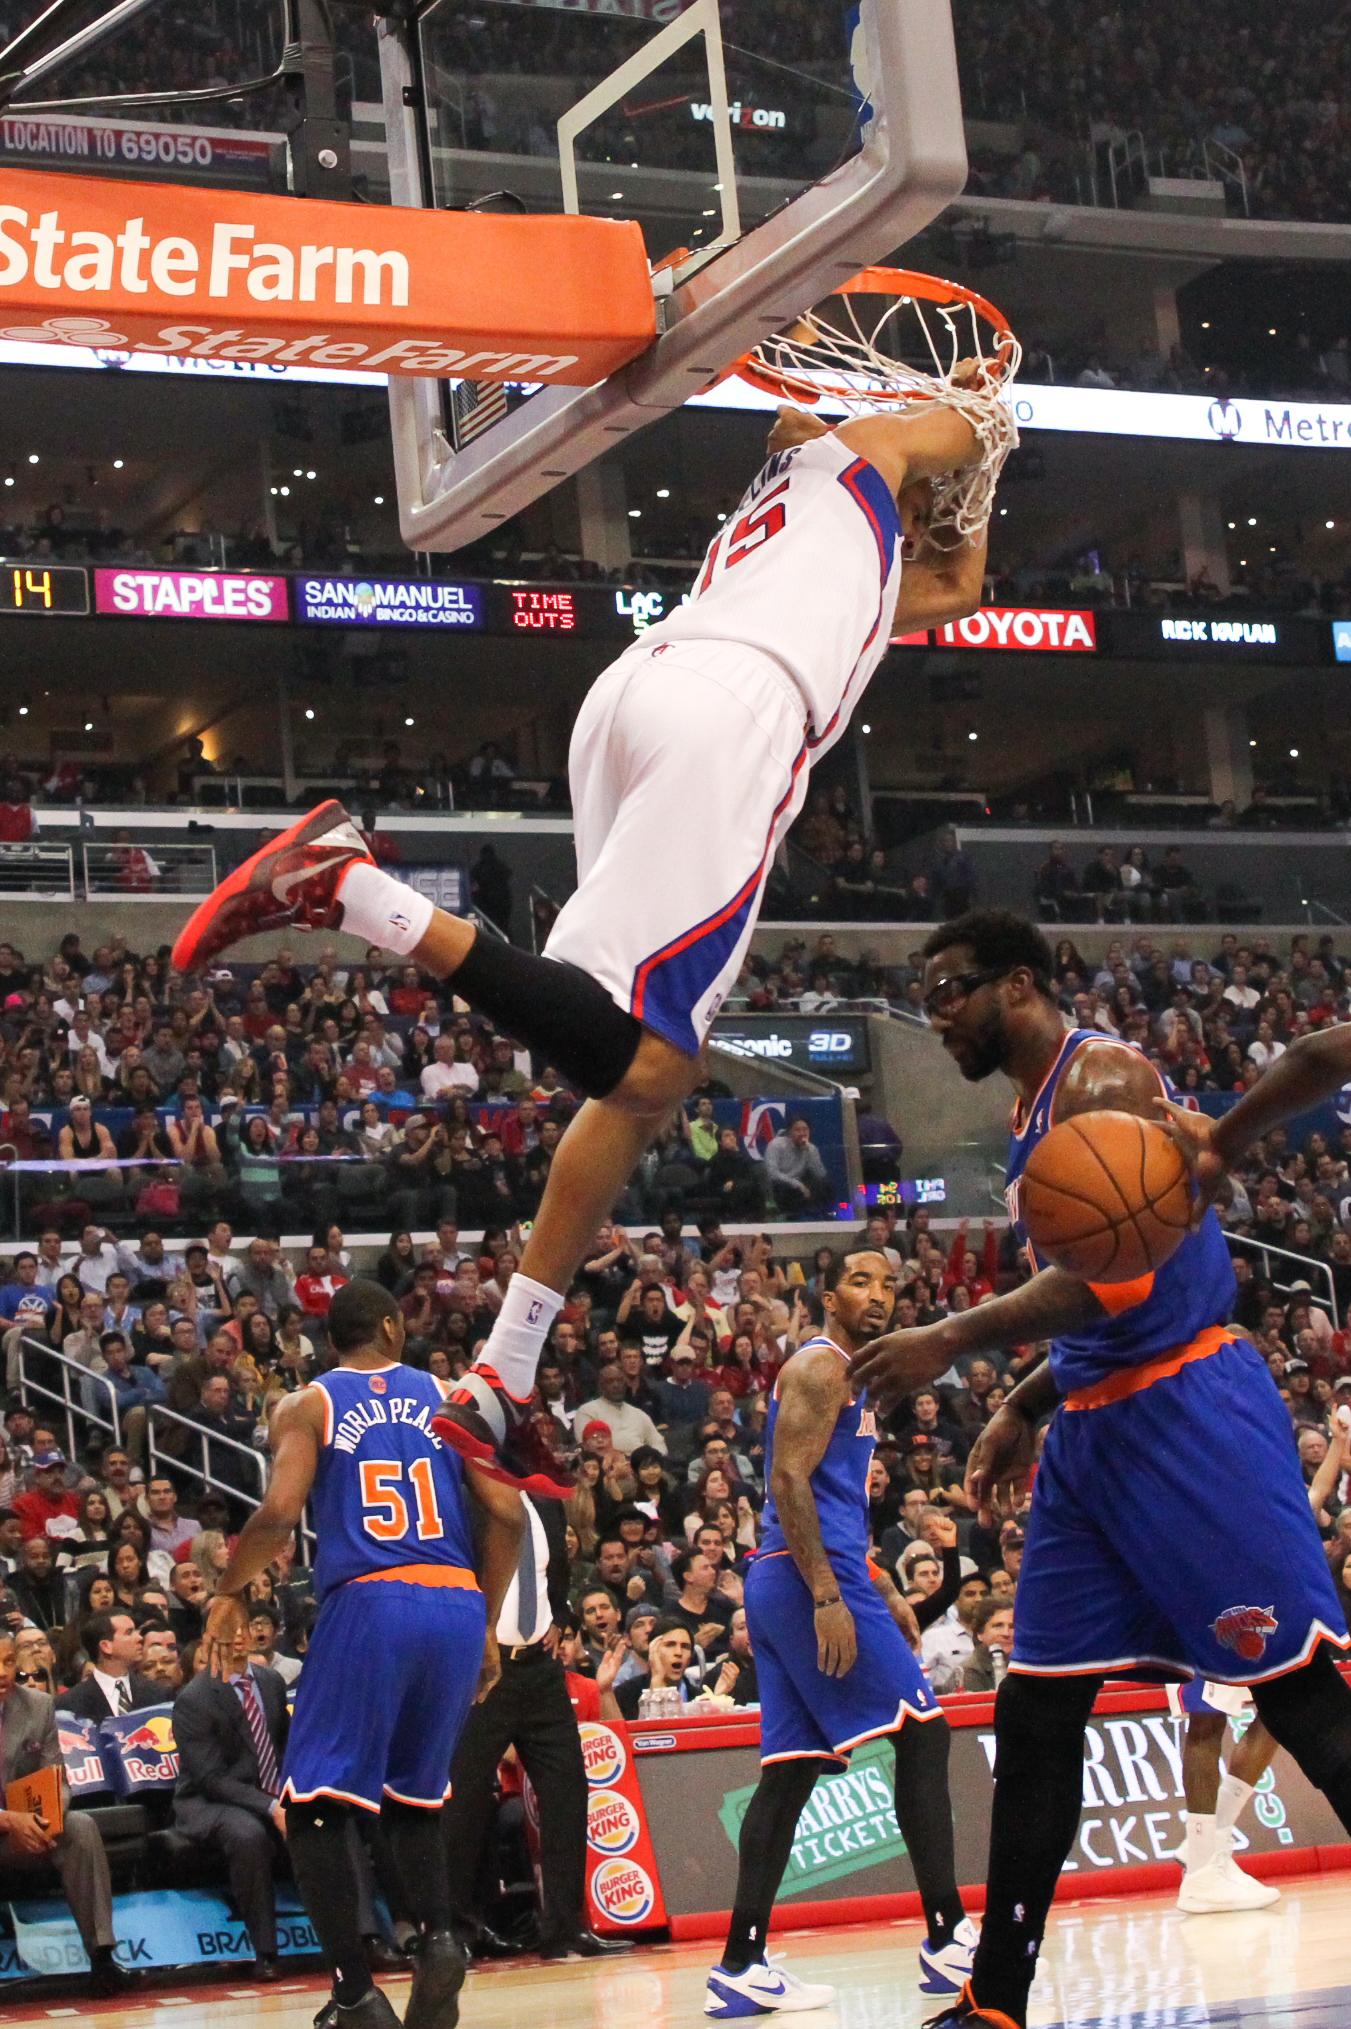 Photos by Varon P. Knicks-15.jpg